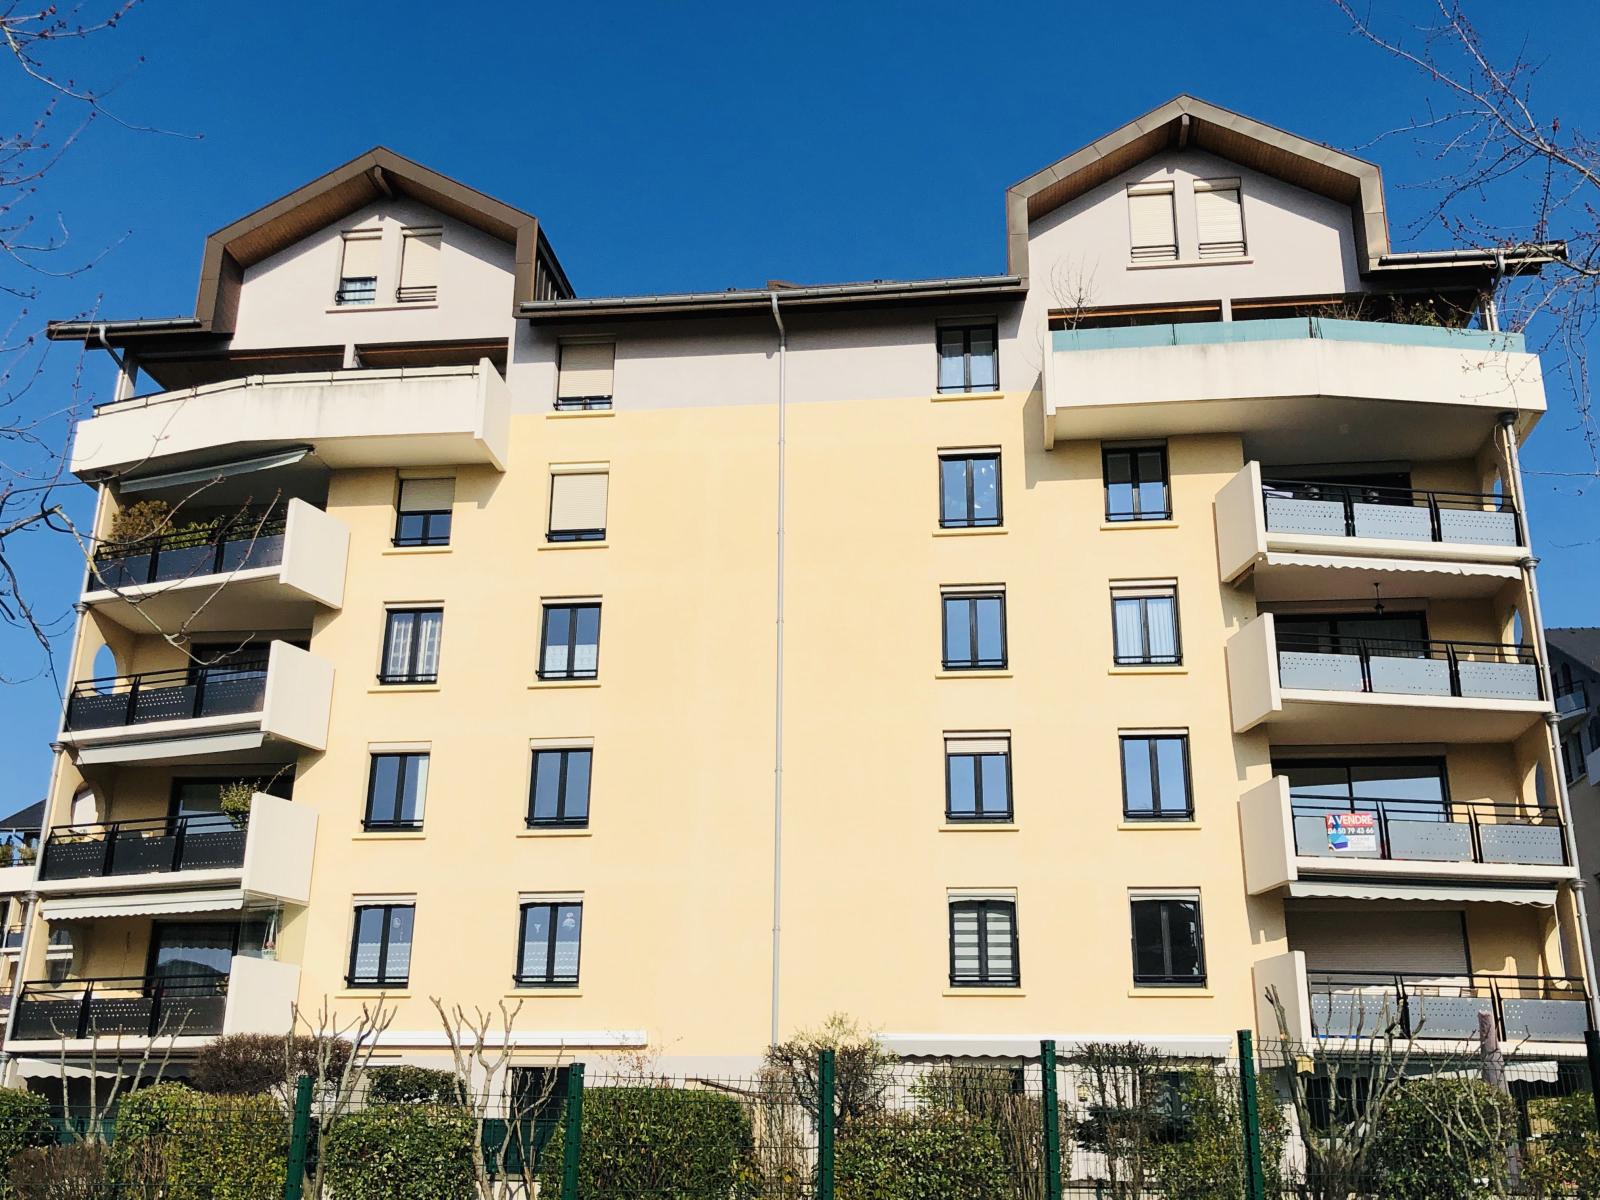 St Julien-en-Genevois, Appartement T4 Contemporain de 126 m² résidence les Cyclades IV... Le TOP !    VENDU PAR LE CABINET